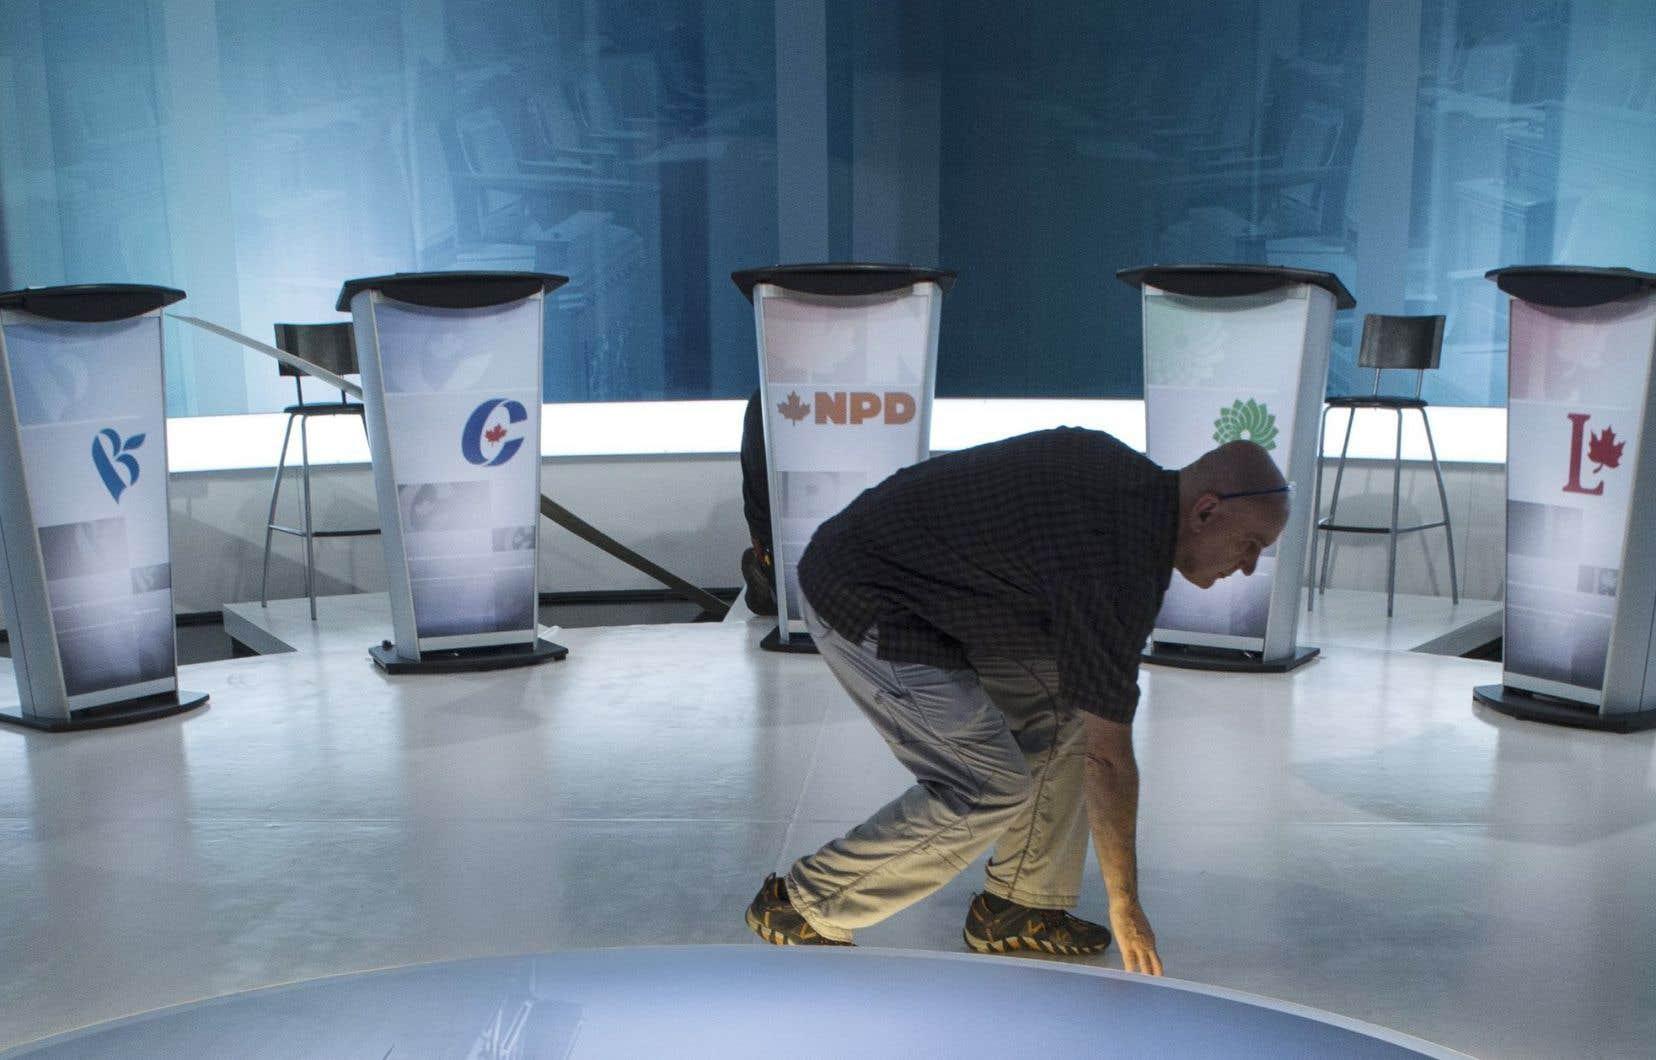 Les débats seront présentés avec un partenariat comprenant Radio-Canada/CBC, «Le Devoir», «La Presse», «L'Actualité», HuffPost Canada et HuffPost Québec, «TheToronto Star» et Torstar Chain, CTV, ainsi que Global.